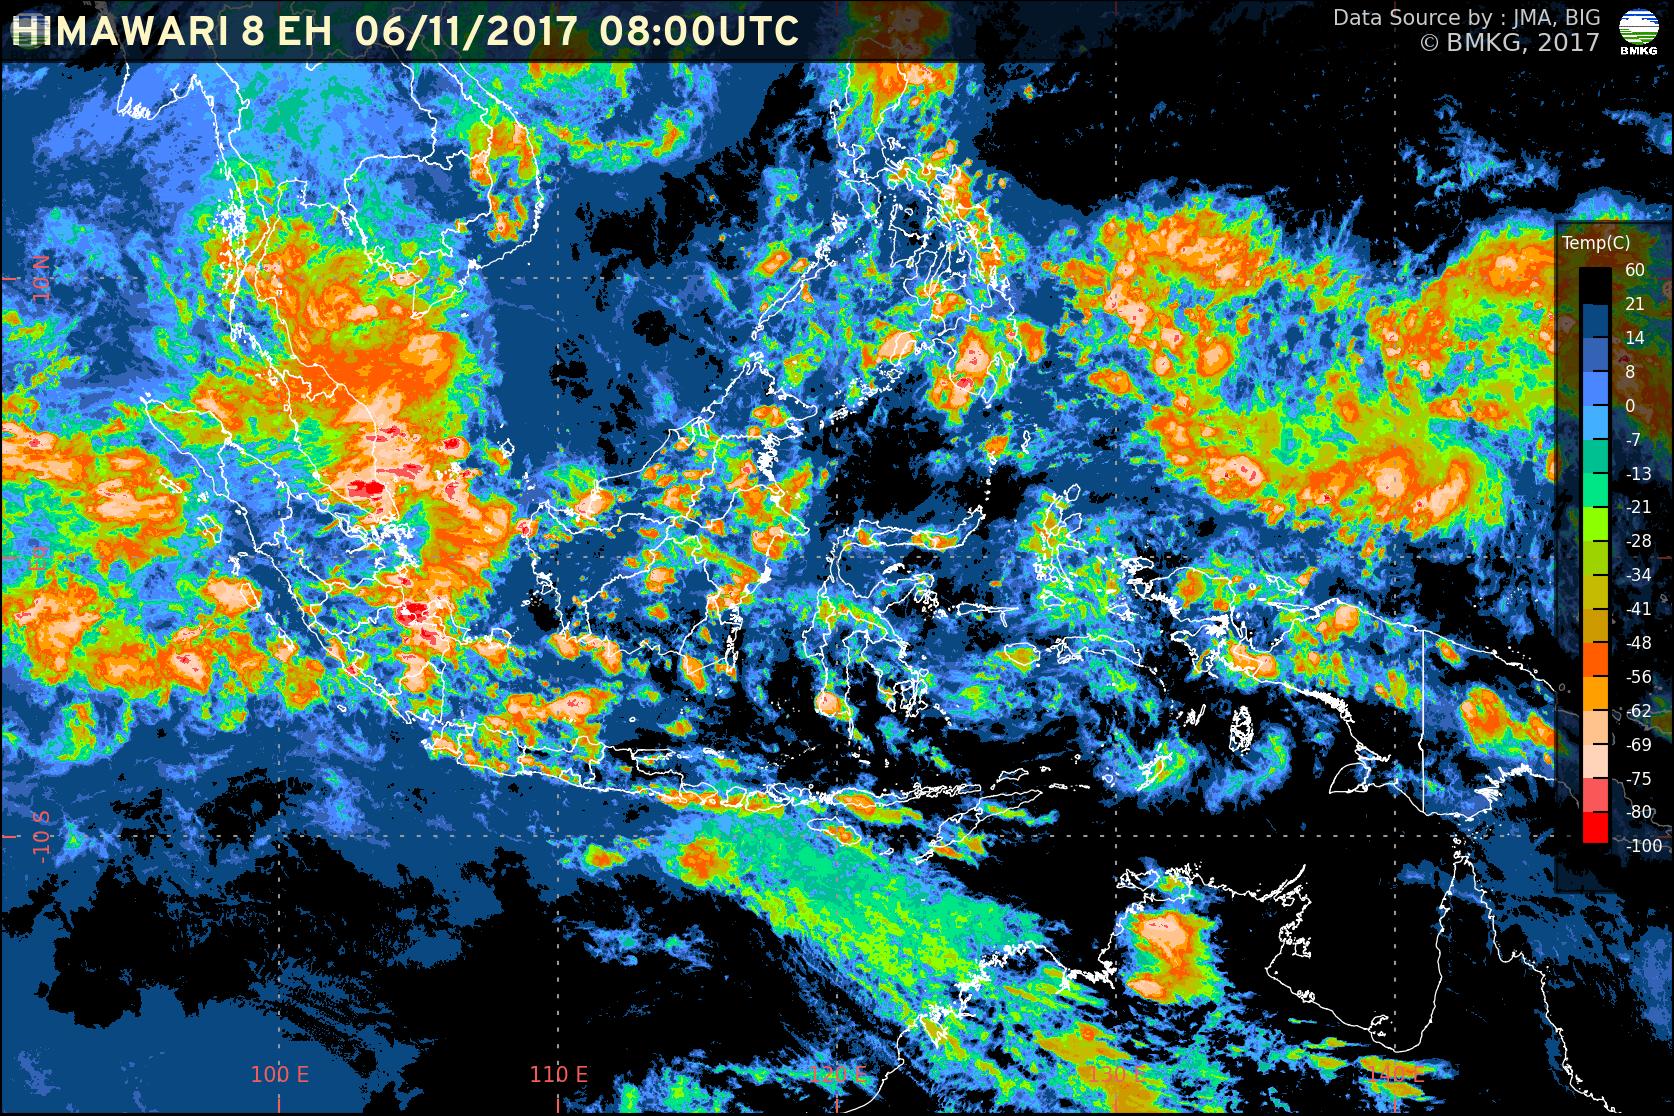 Waspada Peningkatan Potensi Hujan Lebat dan Gelombang Tinggi di Wilayah Indonesia (7-9 November 2017)